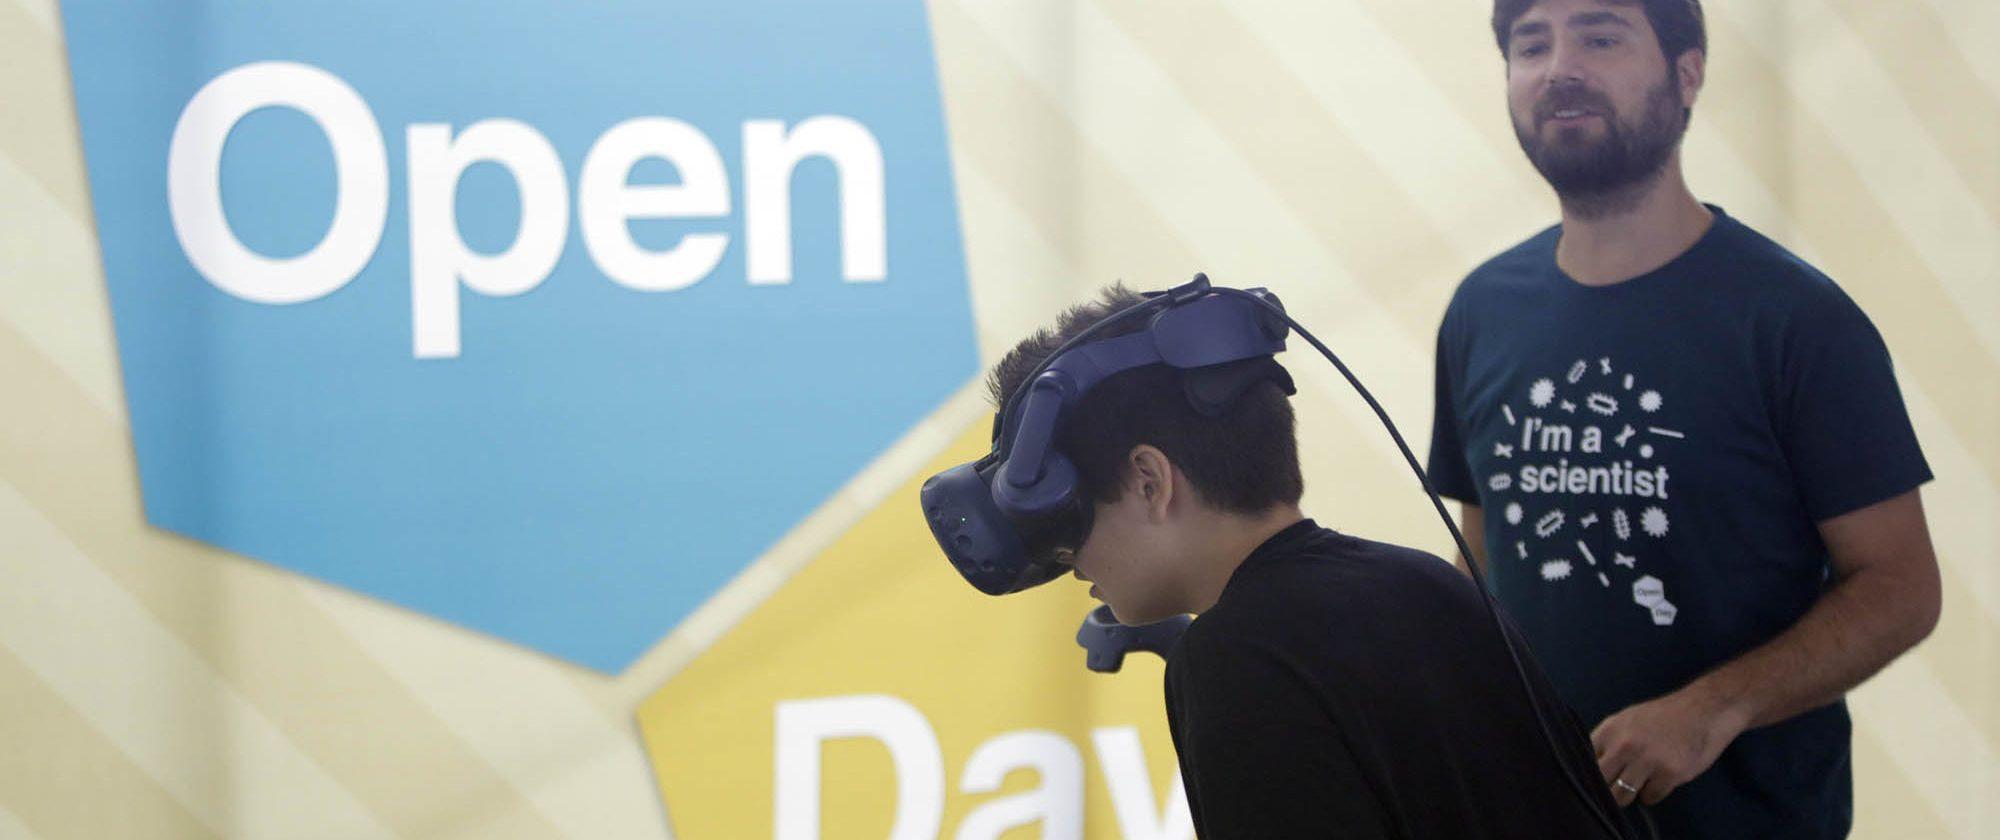 L'Open Day del PRBB, una gran festa de la ciència